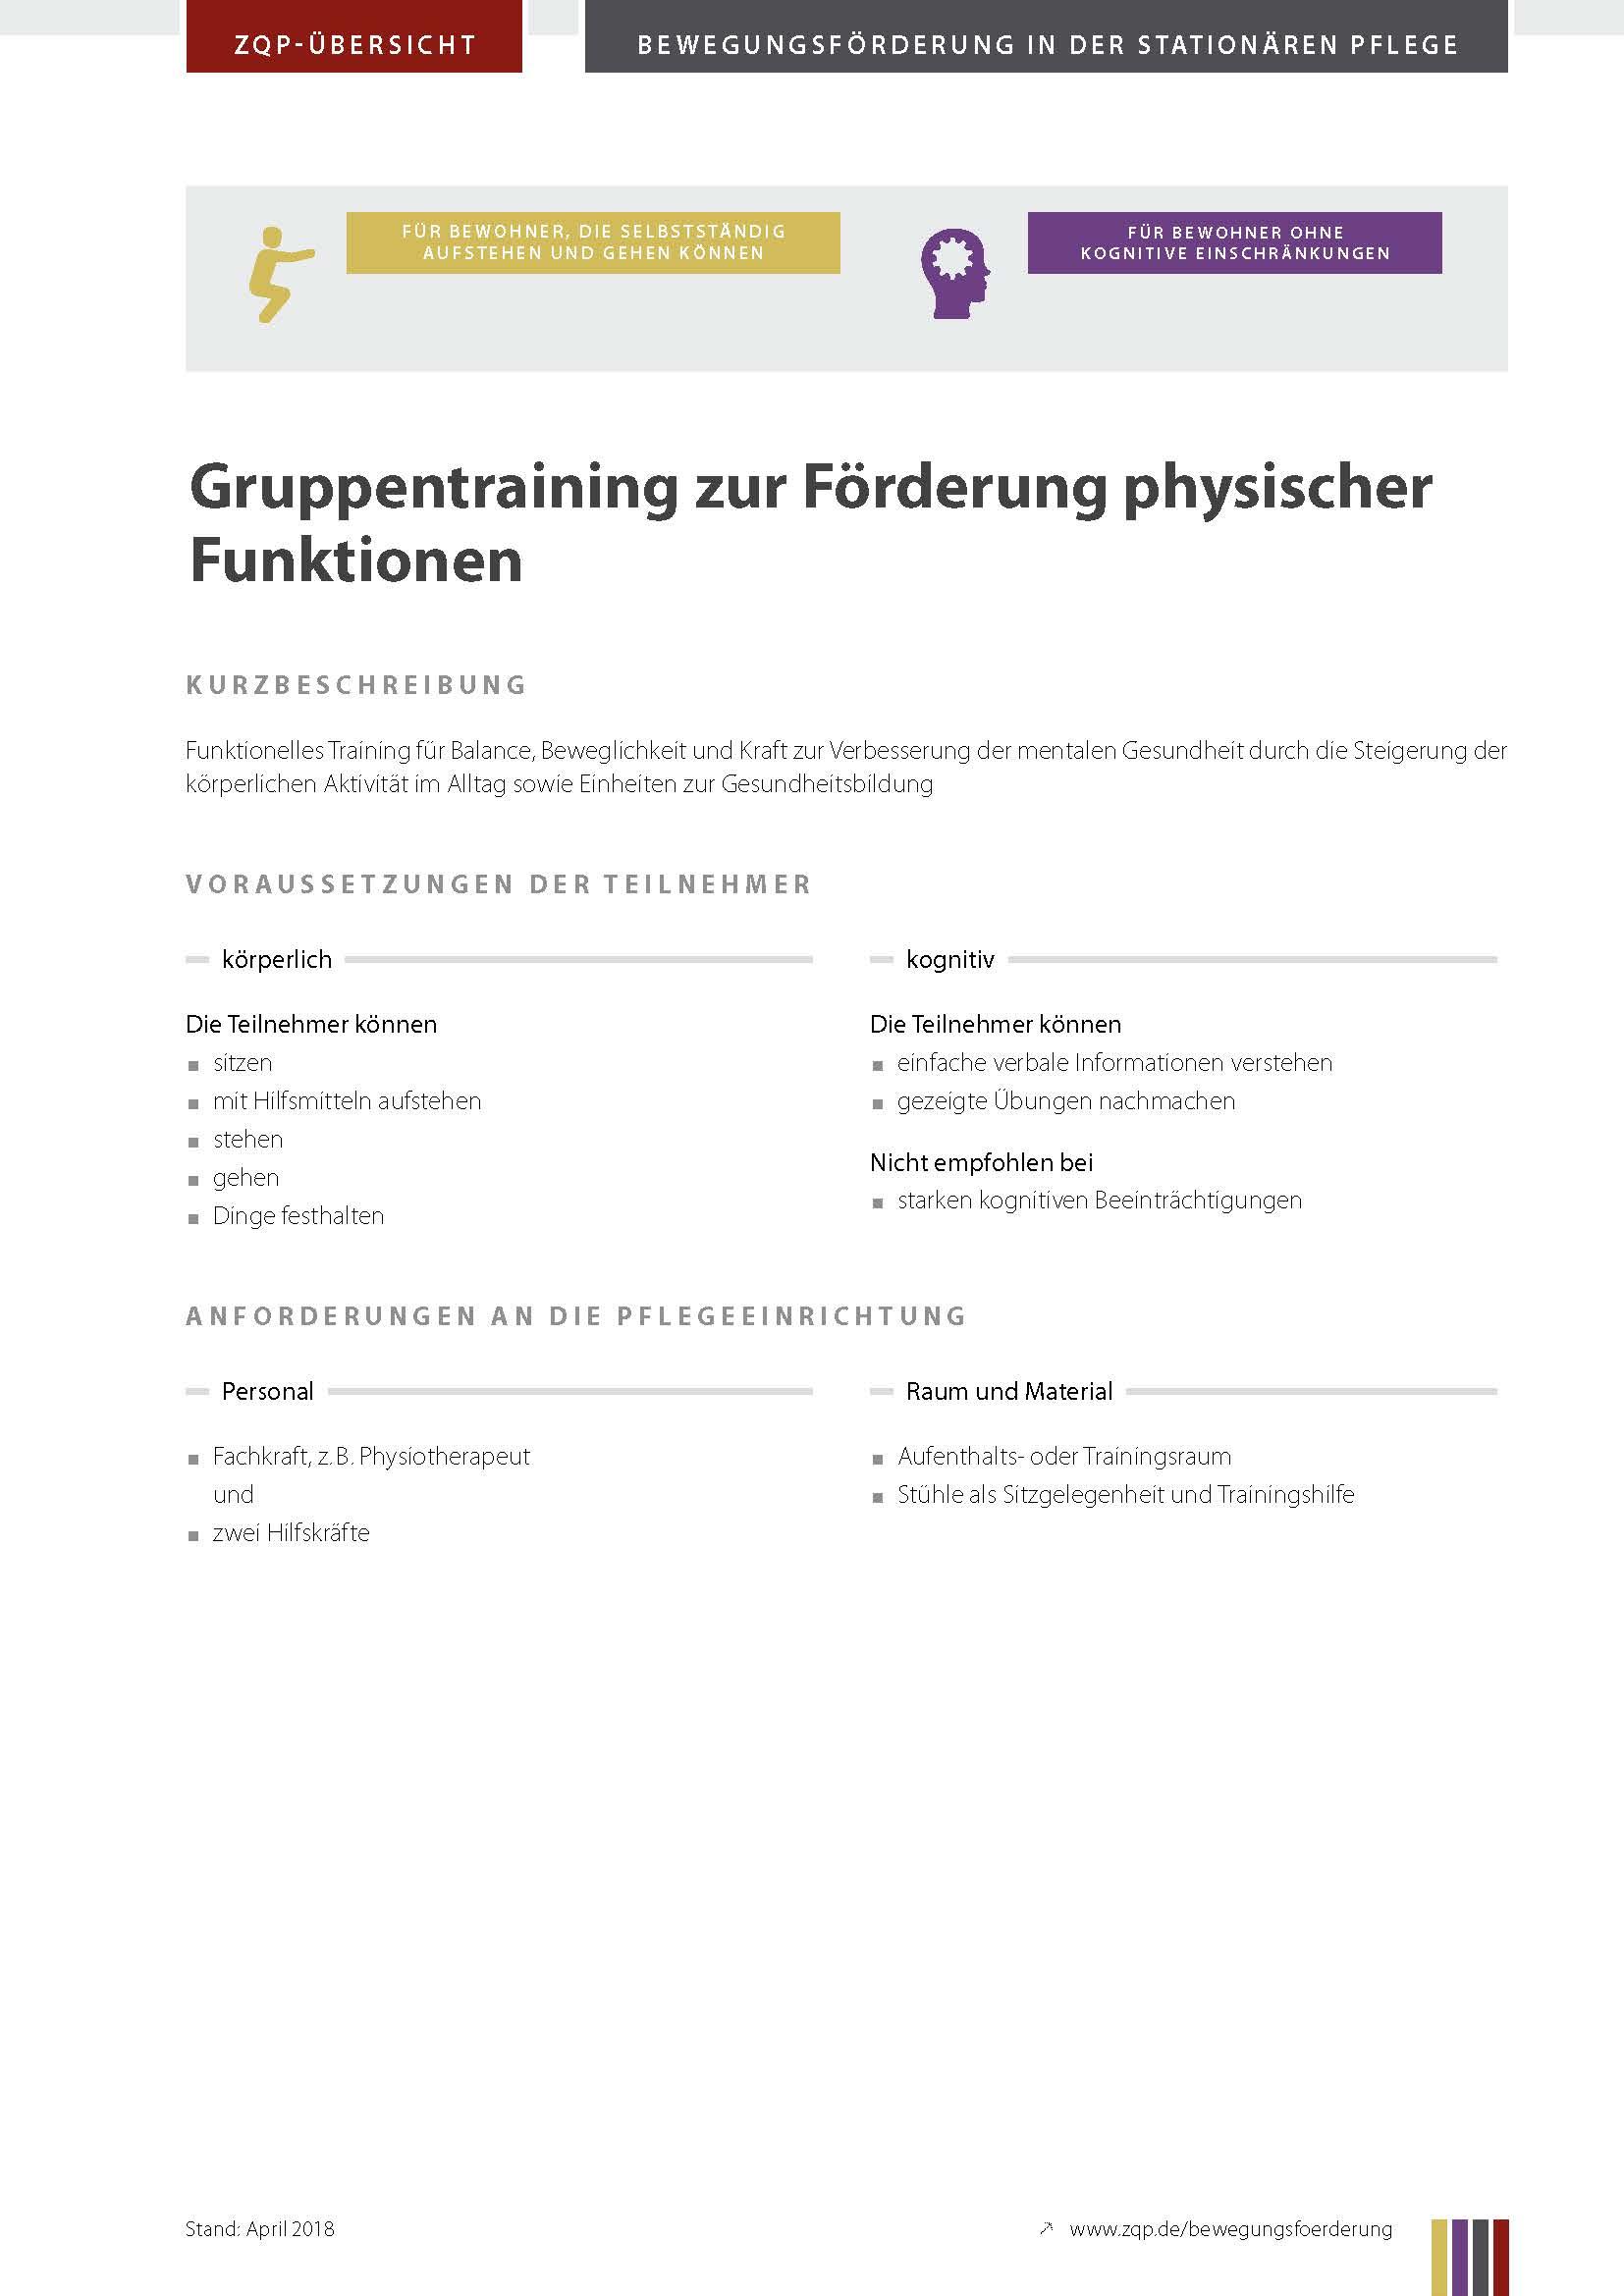 Titelblatt Gruppentraining zur Förderung physischer Funktionen